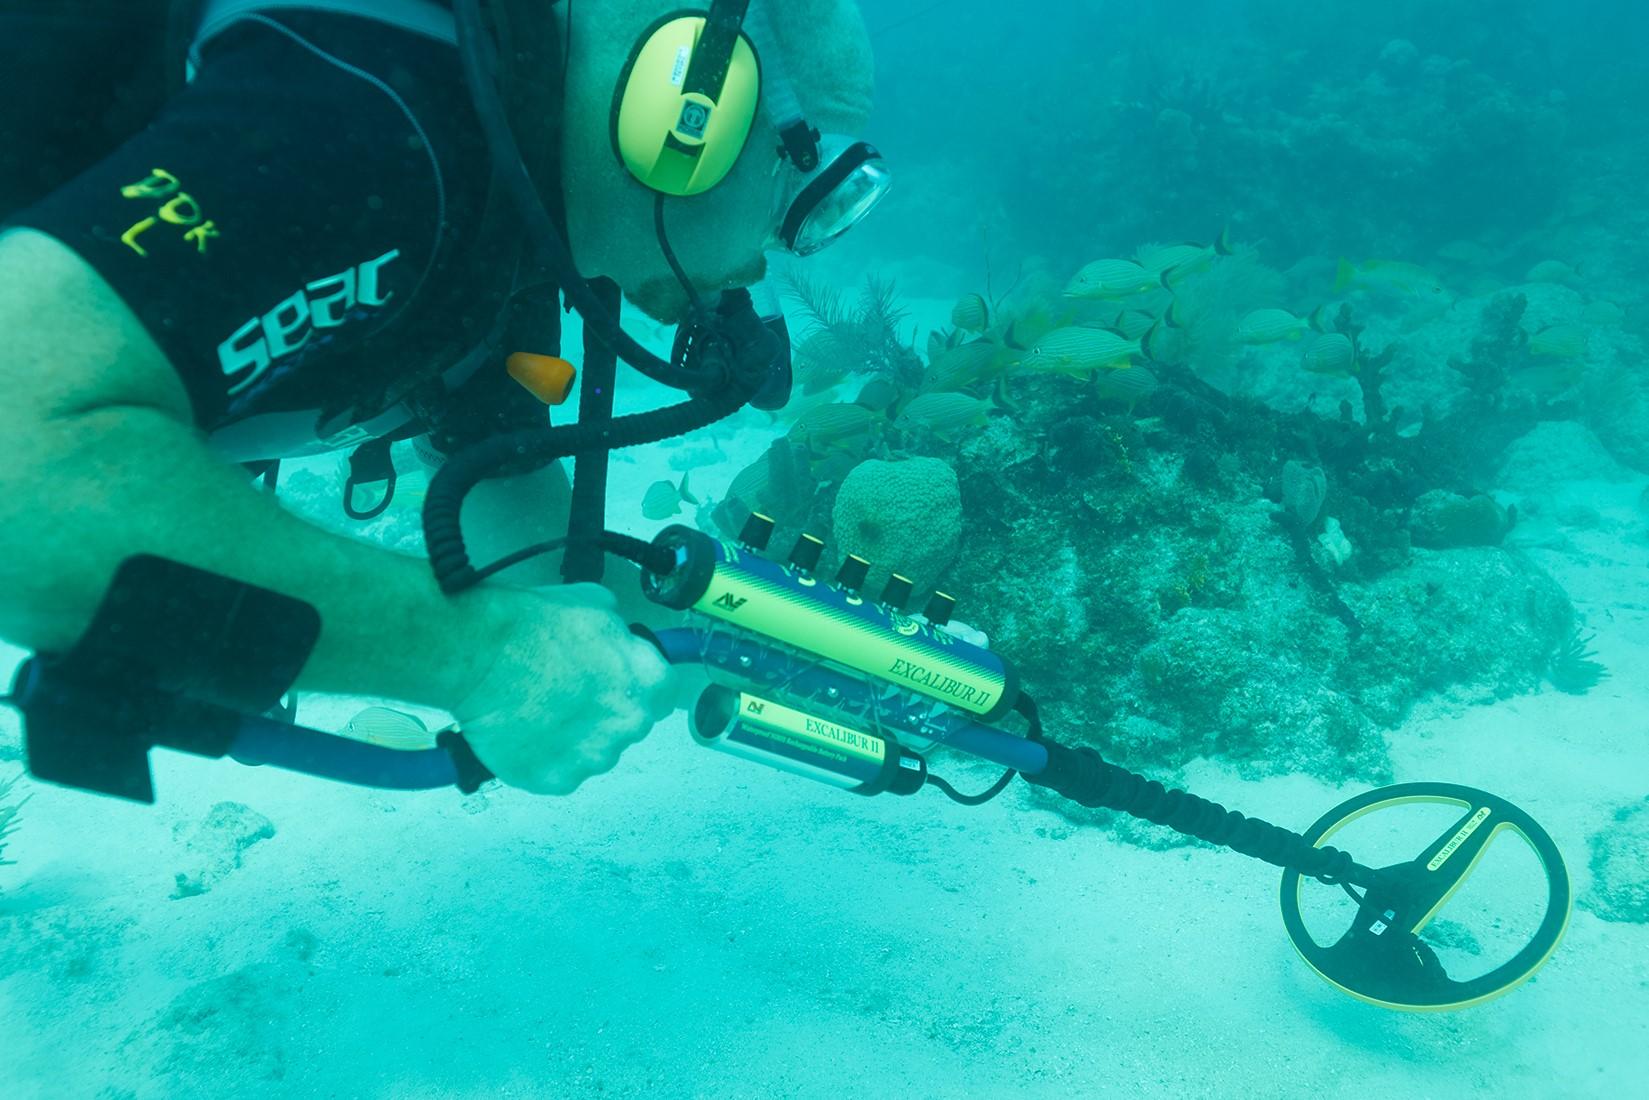 Máy dò kim loại và đường ống - Minilab Excalibur II